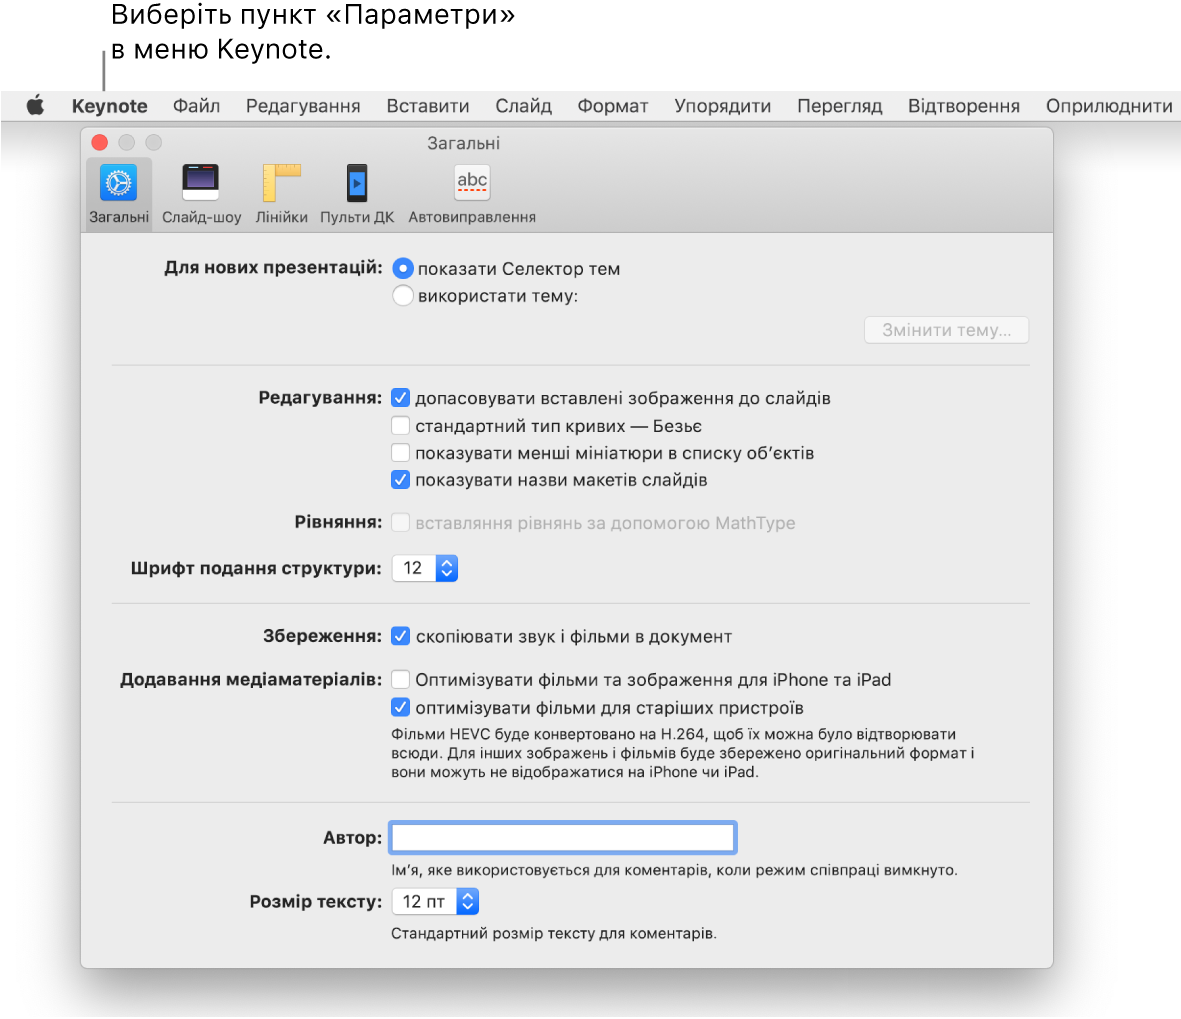 Вікно параметрів Keynote і панель «Загальні».